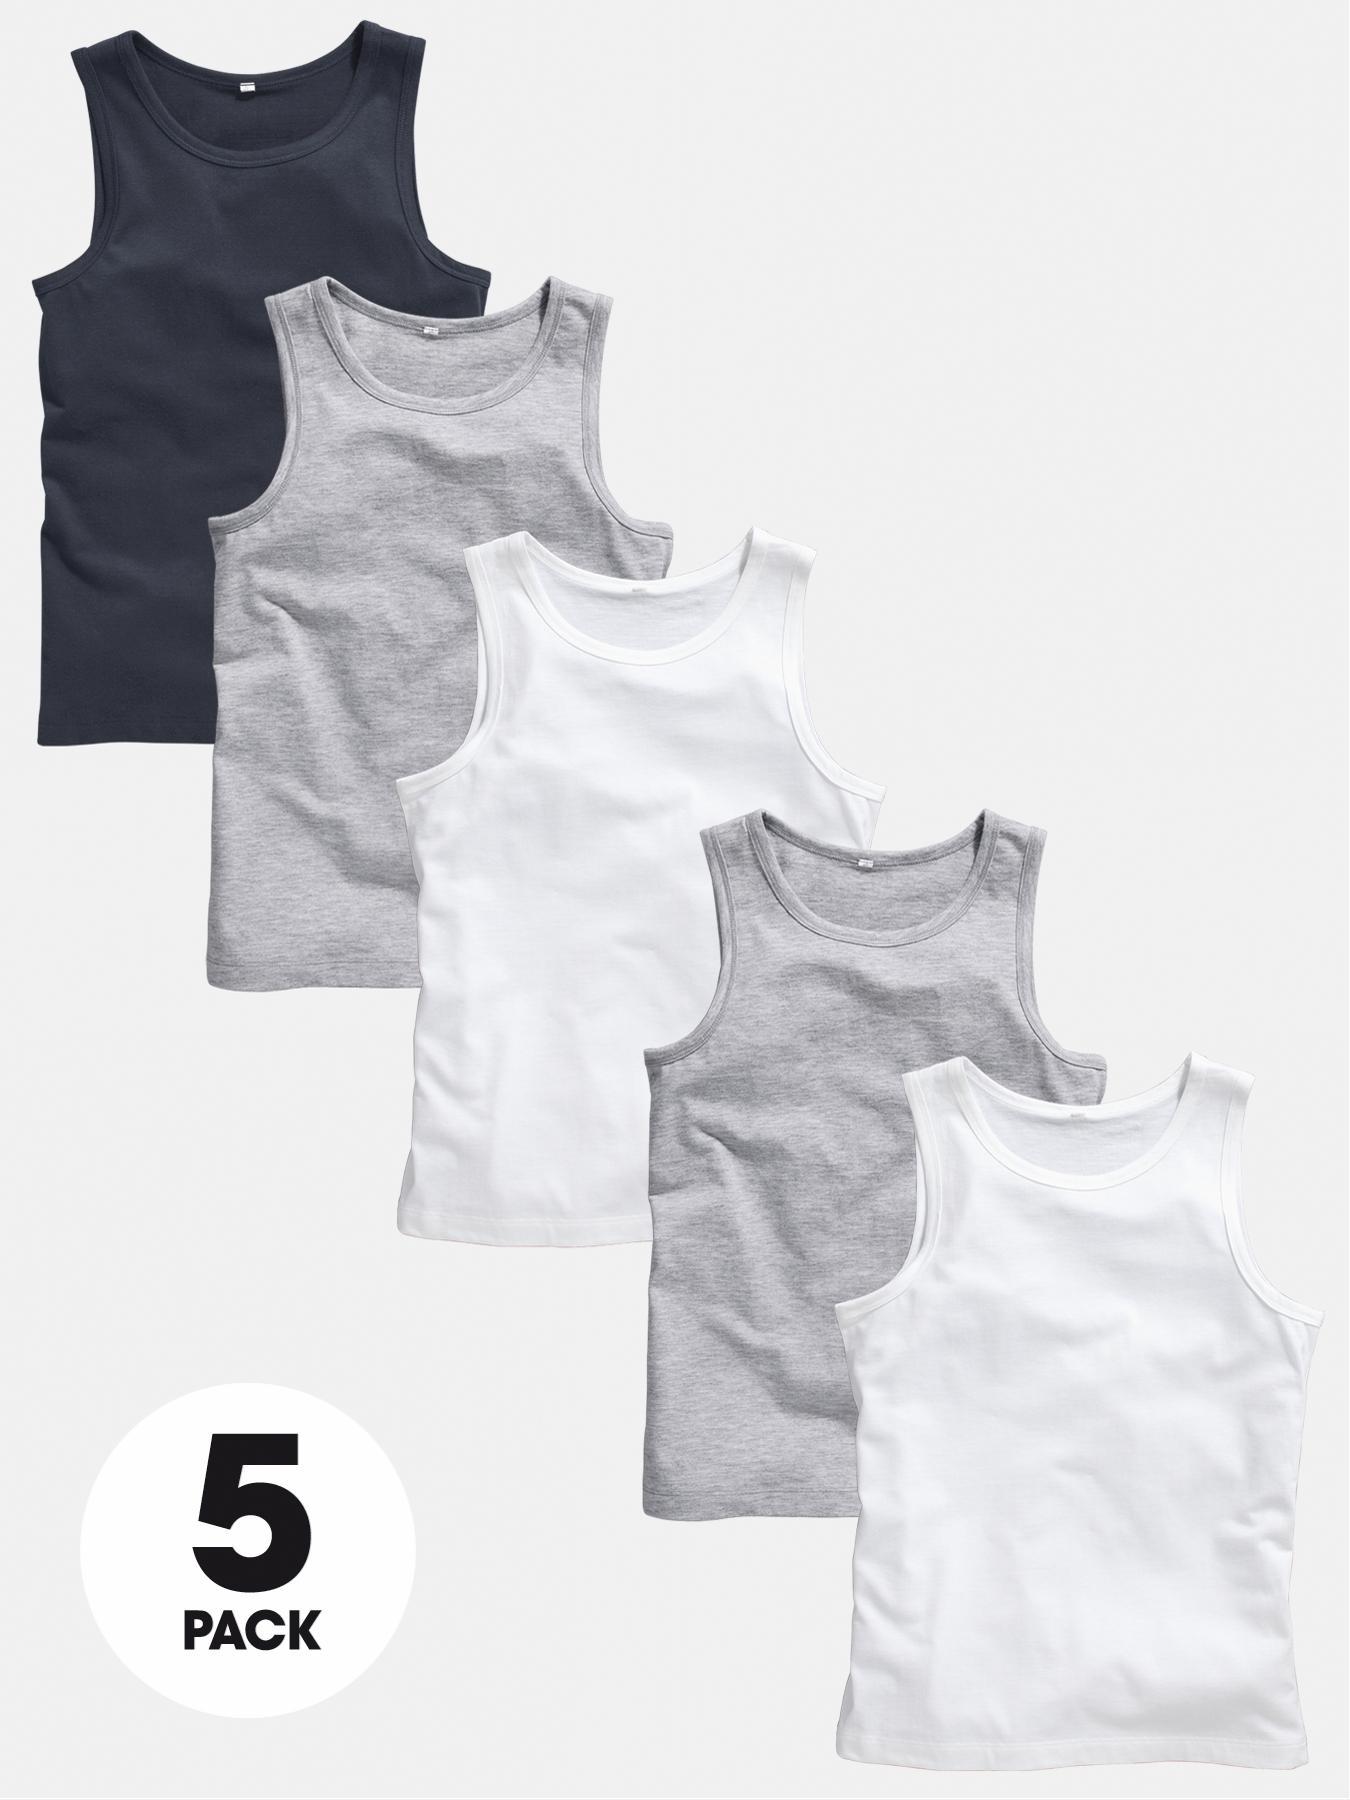 Boys Basic Vest Tops (5 Pack)